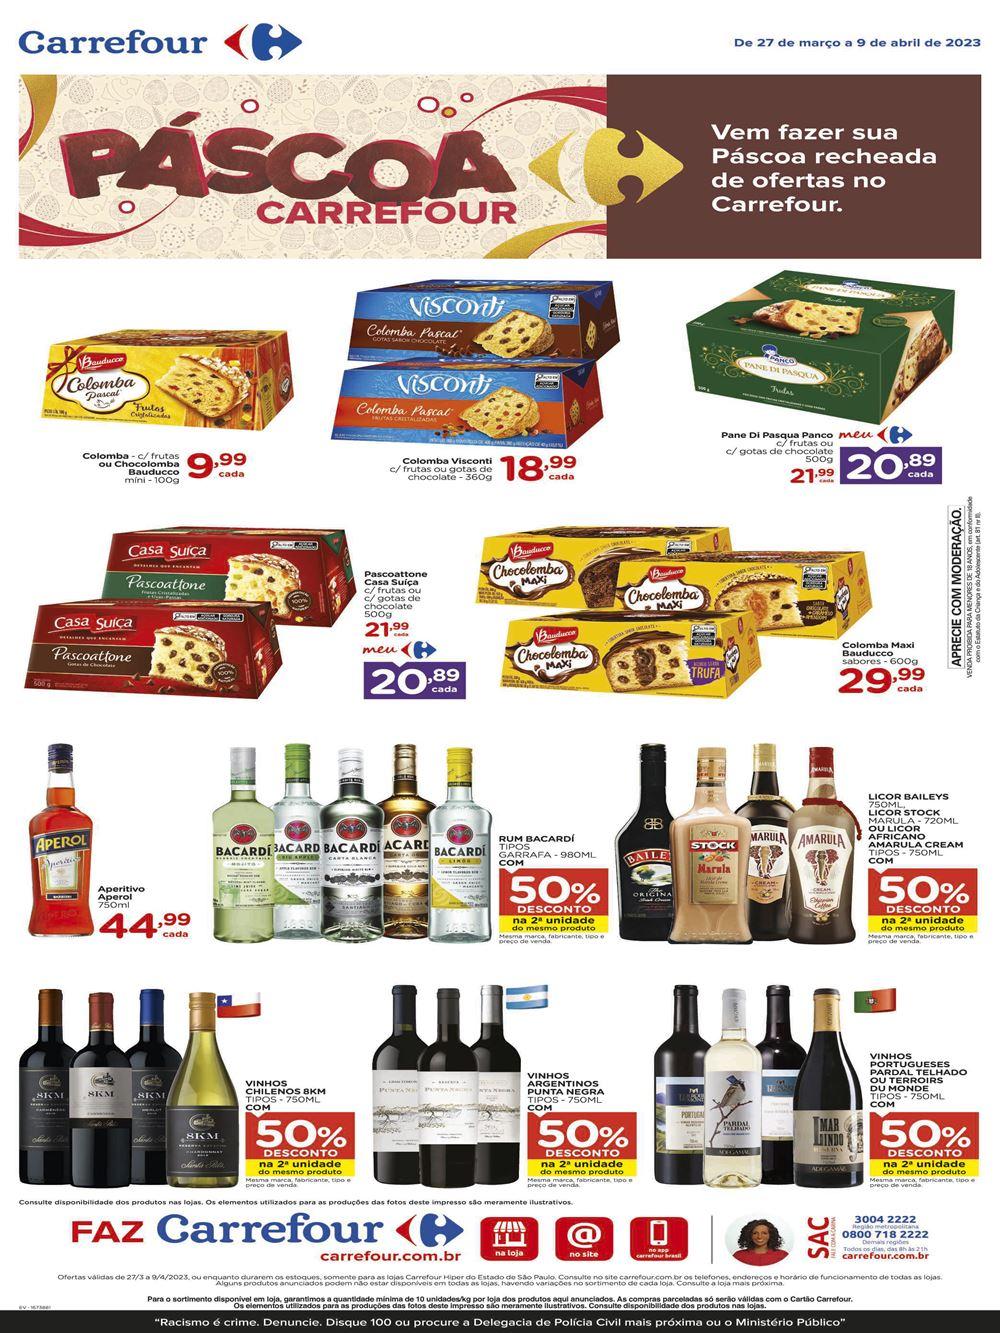 carrefour-ofertas-descontos-hoje9-18 Carrefour até 08/08